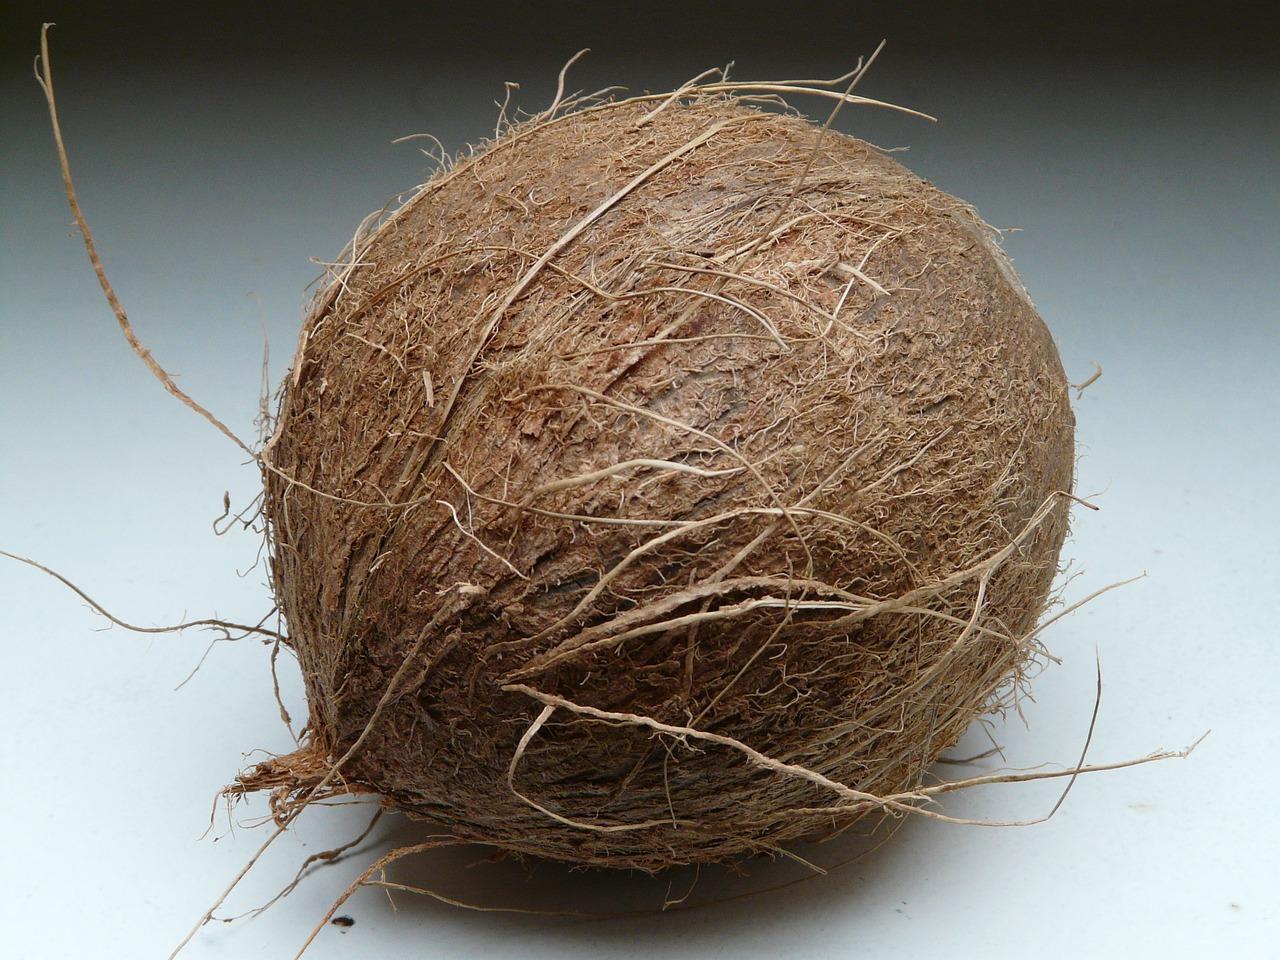 Одной женщине подарили кокосовый орех. На Новый год.